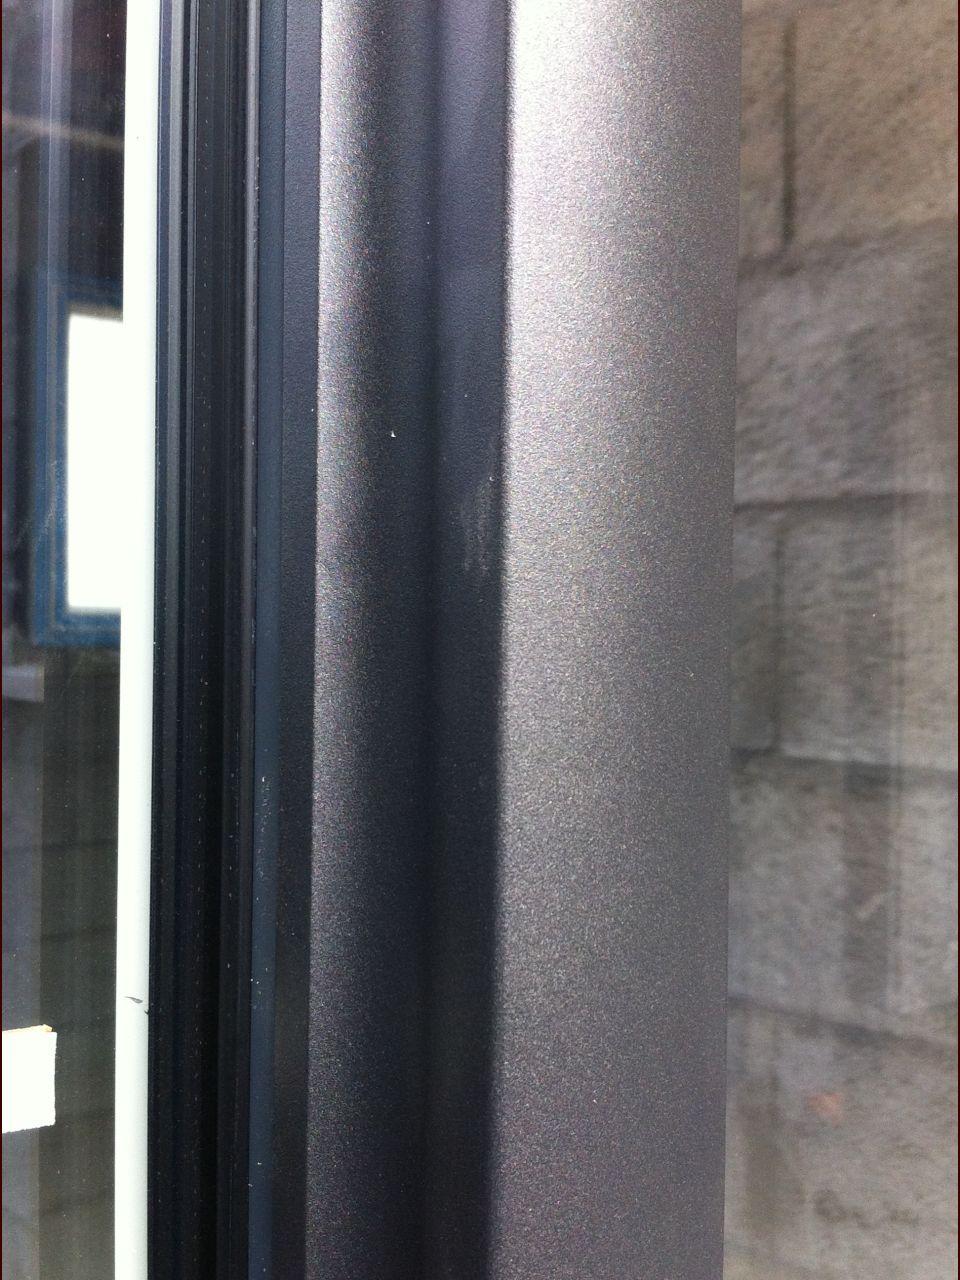 Fenetre chambre étage : Finition : une bordure arrondie, qui différe des bordures rectangulaires des autres fenêtres